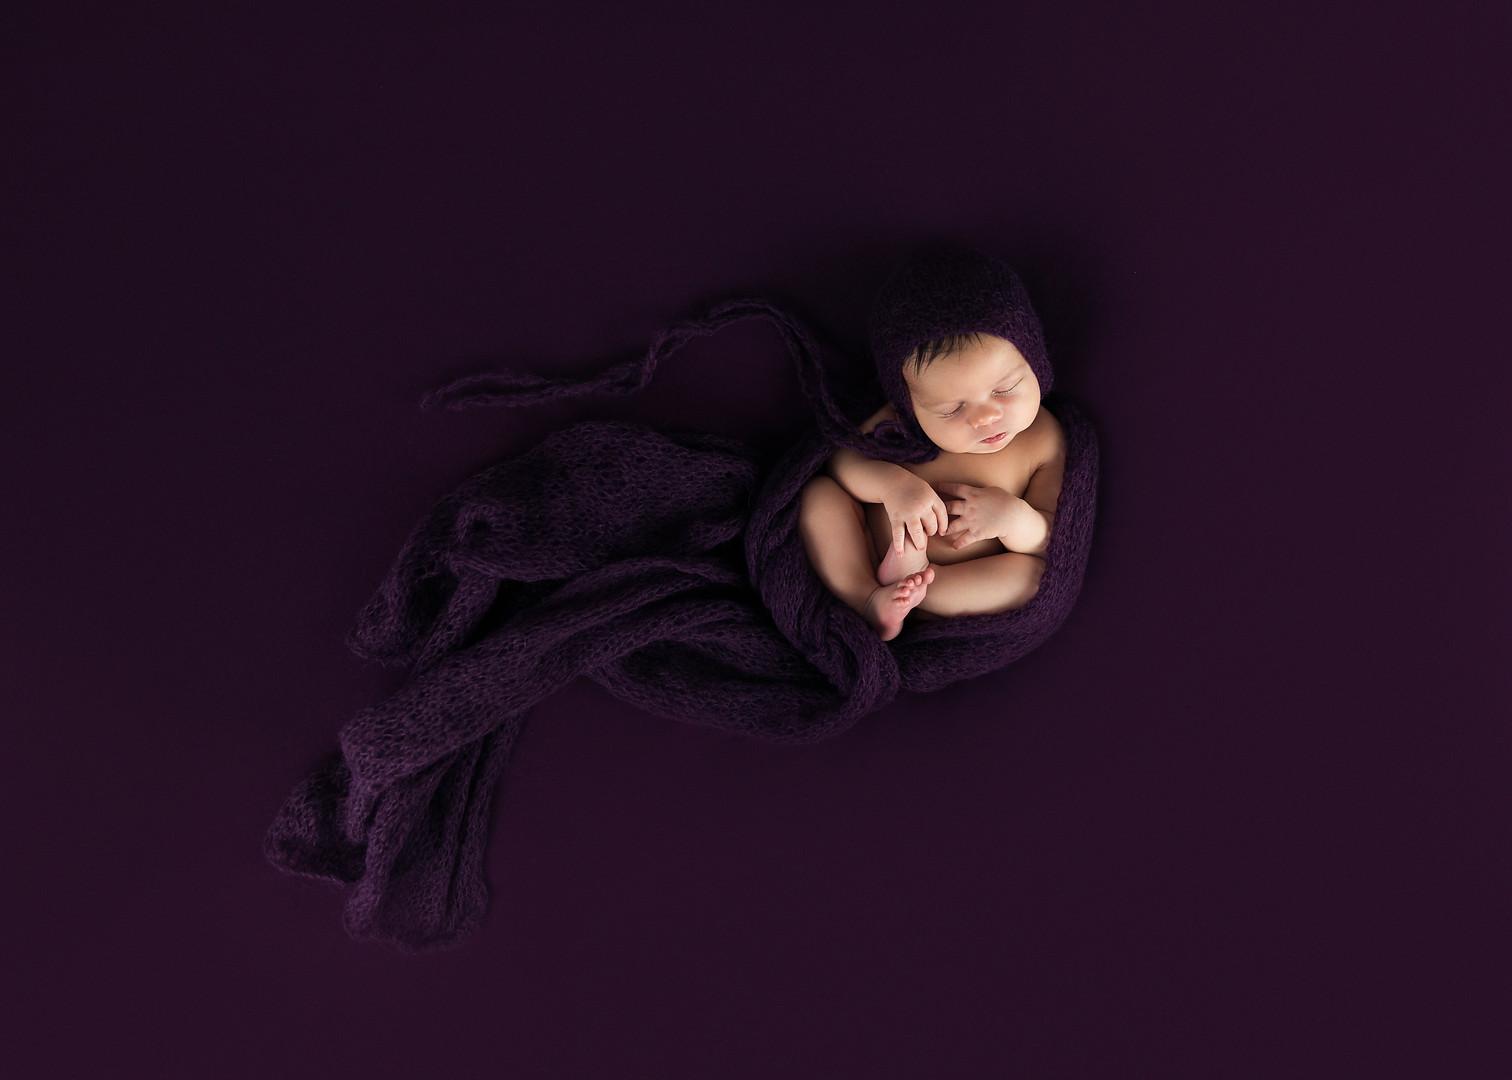 Newborn Photography Studio Maine